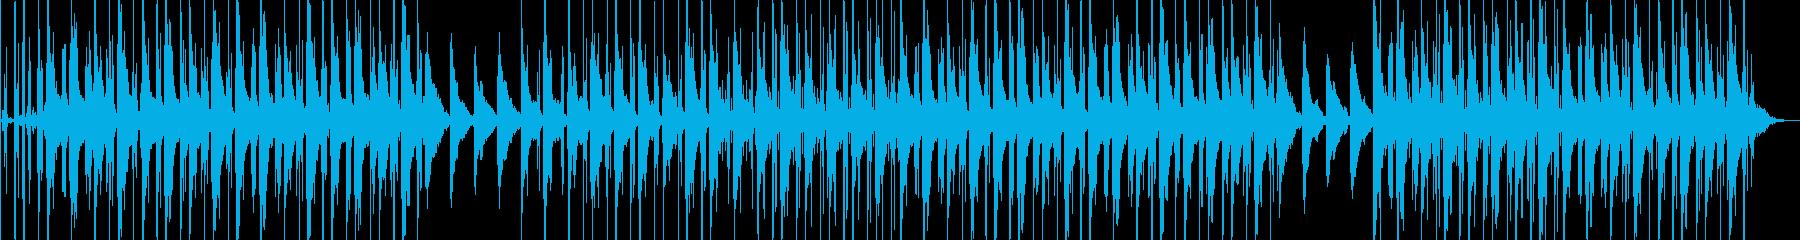 洋楽 悲しい ピアノ ローファイビートの再生済みの波形